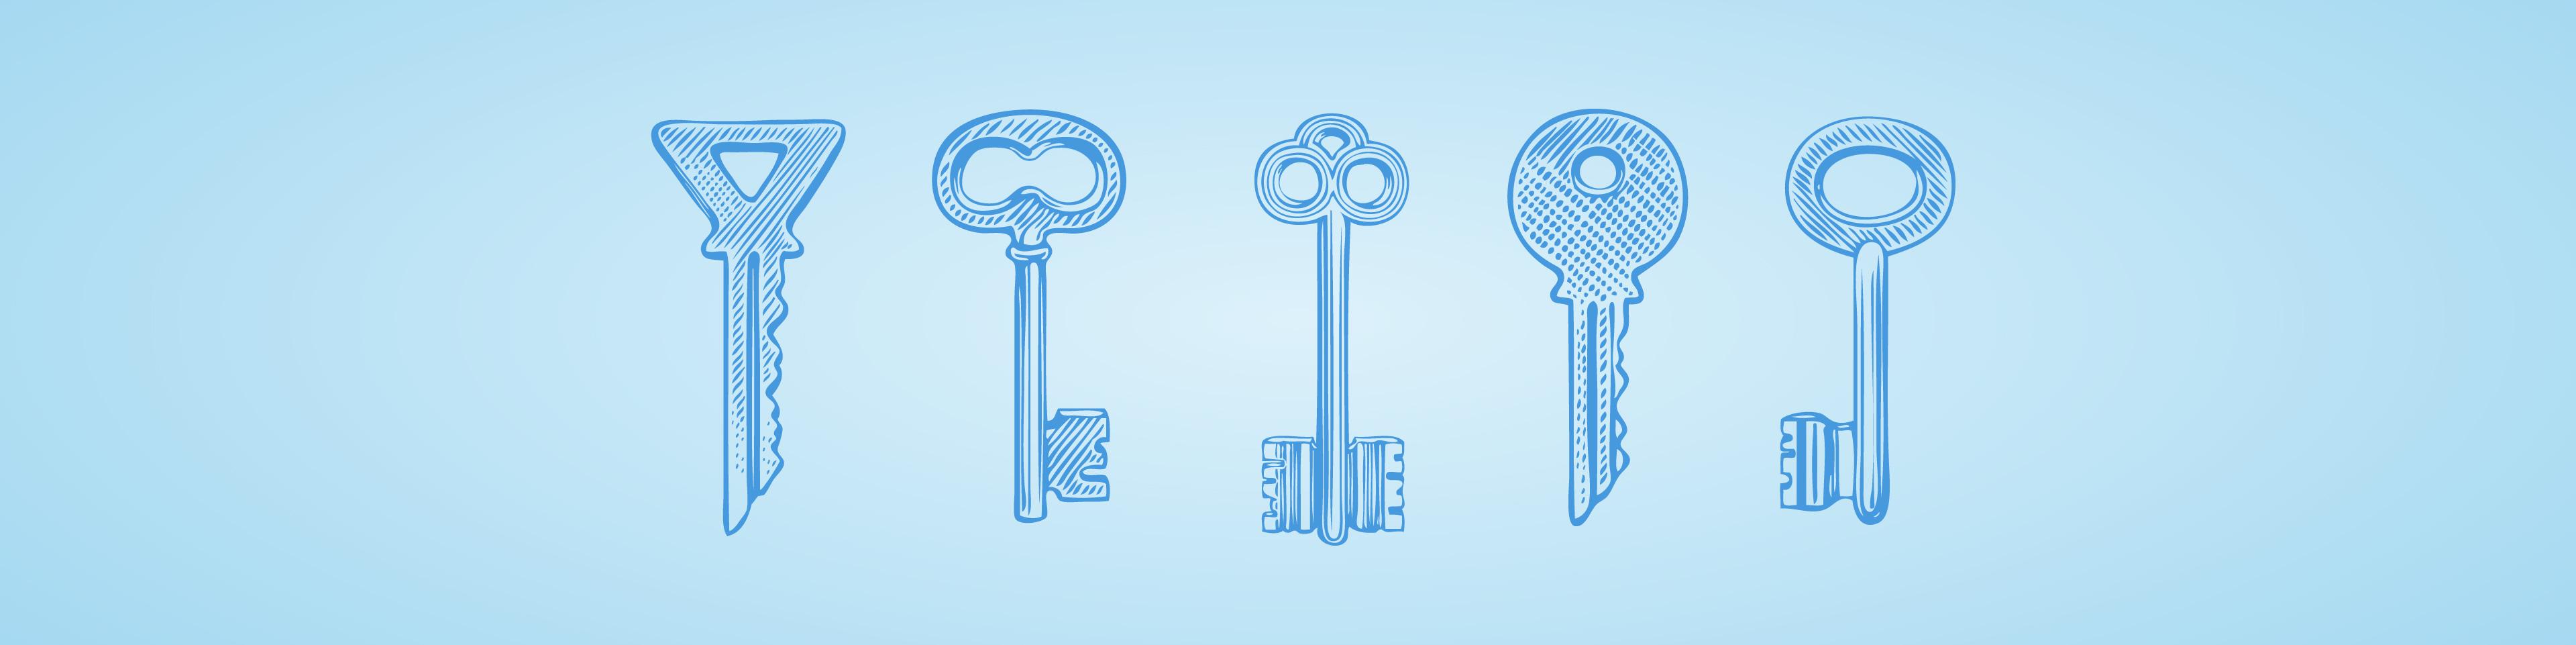 5 nyckeltal i bokslut